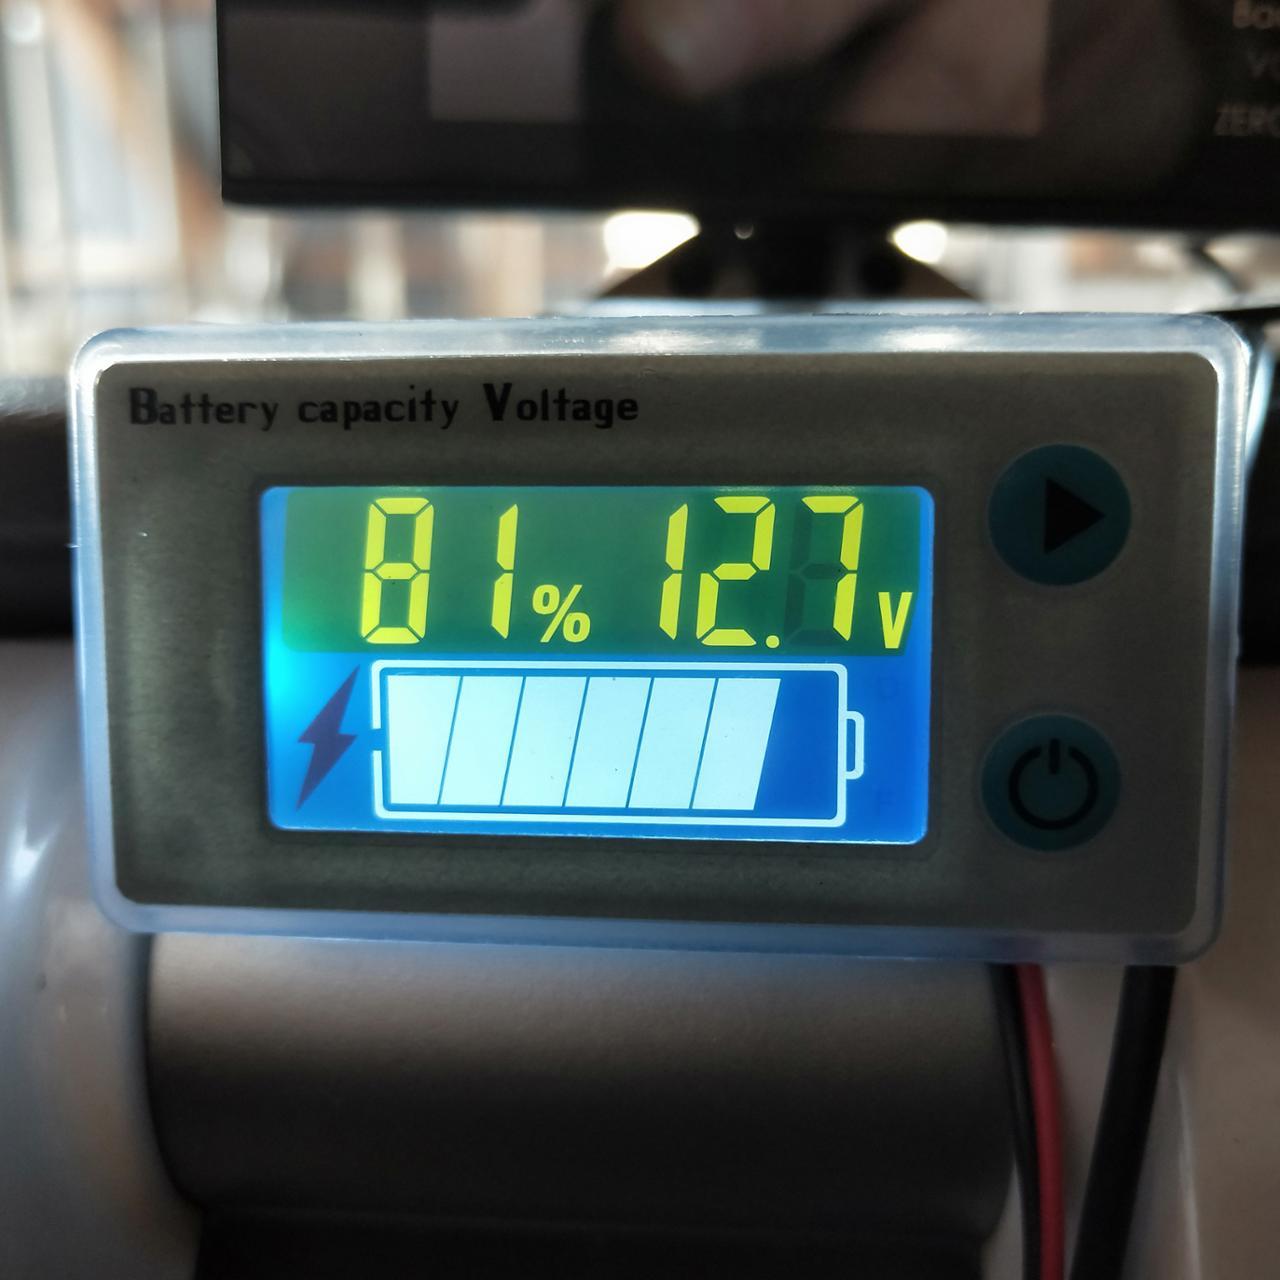 非公認 ユニバーサルバッテリ容量電圧計